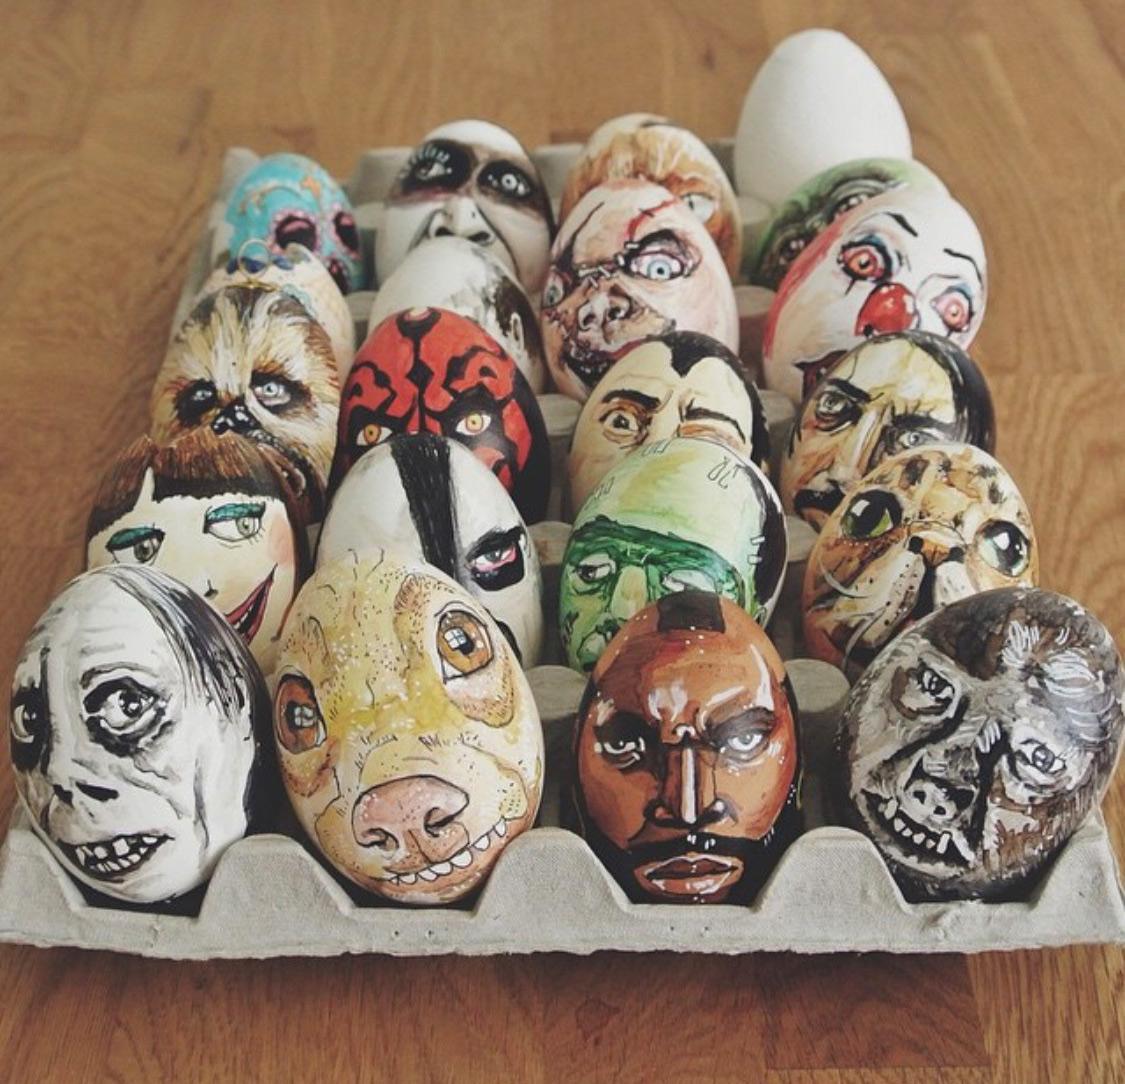 camilla_kitten_eggs-2